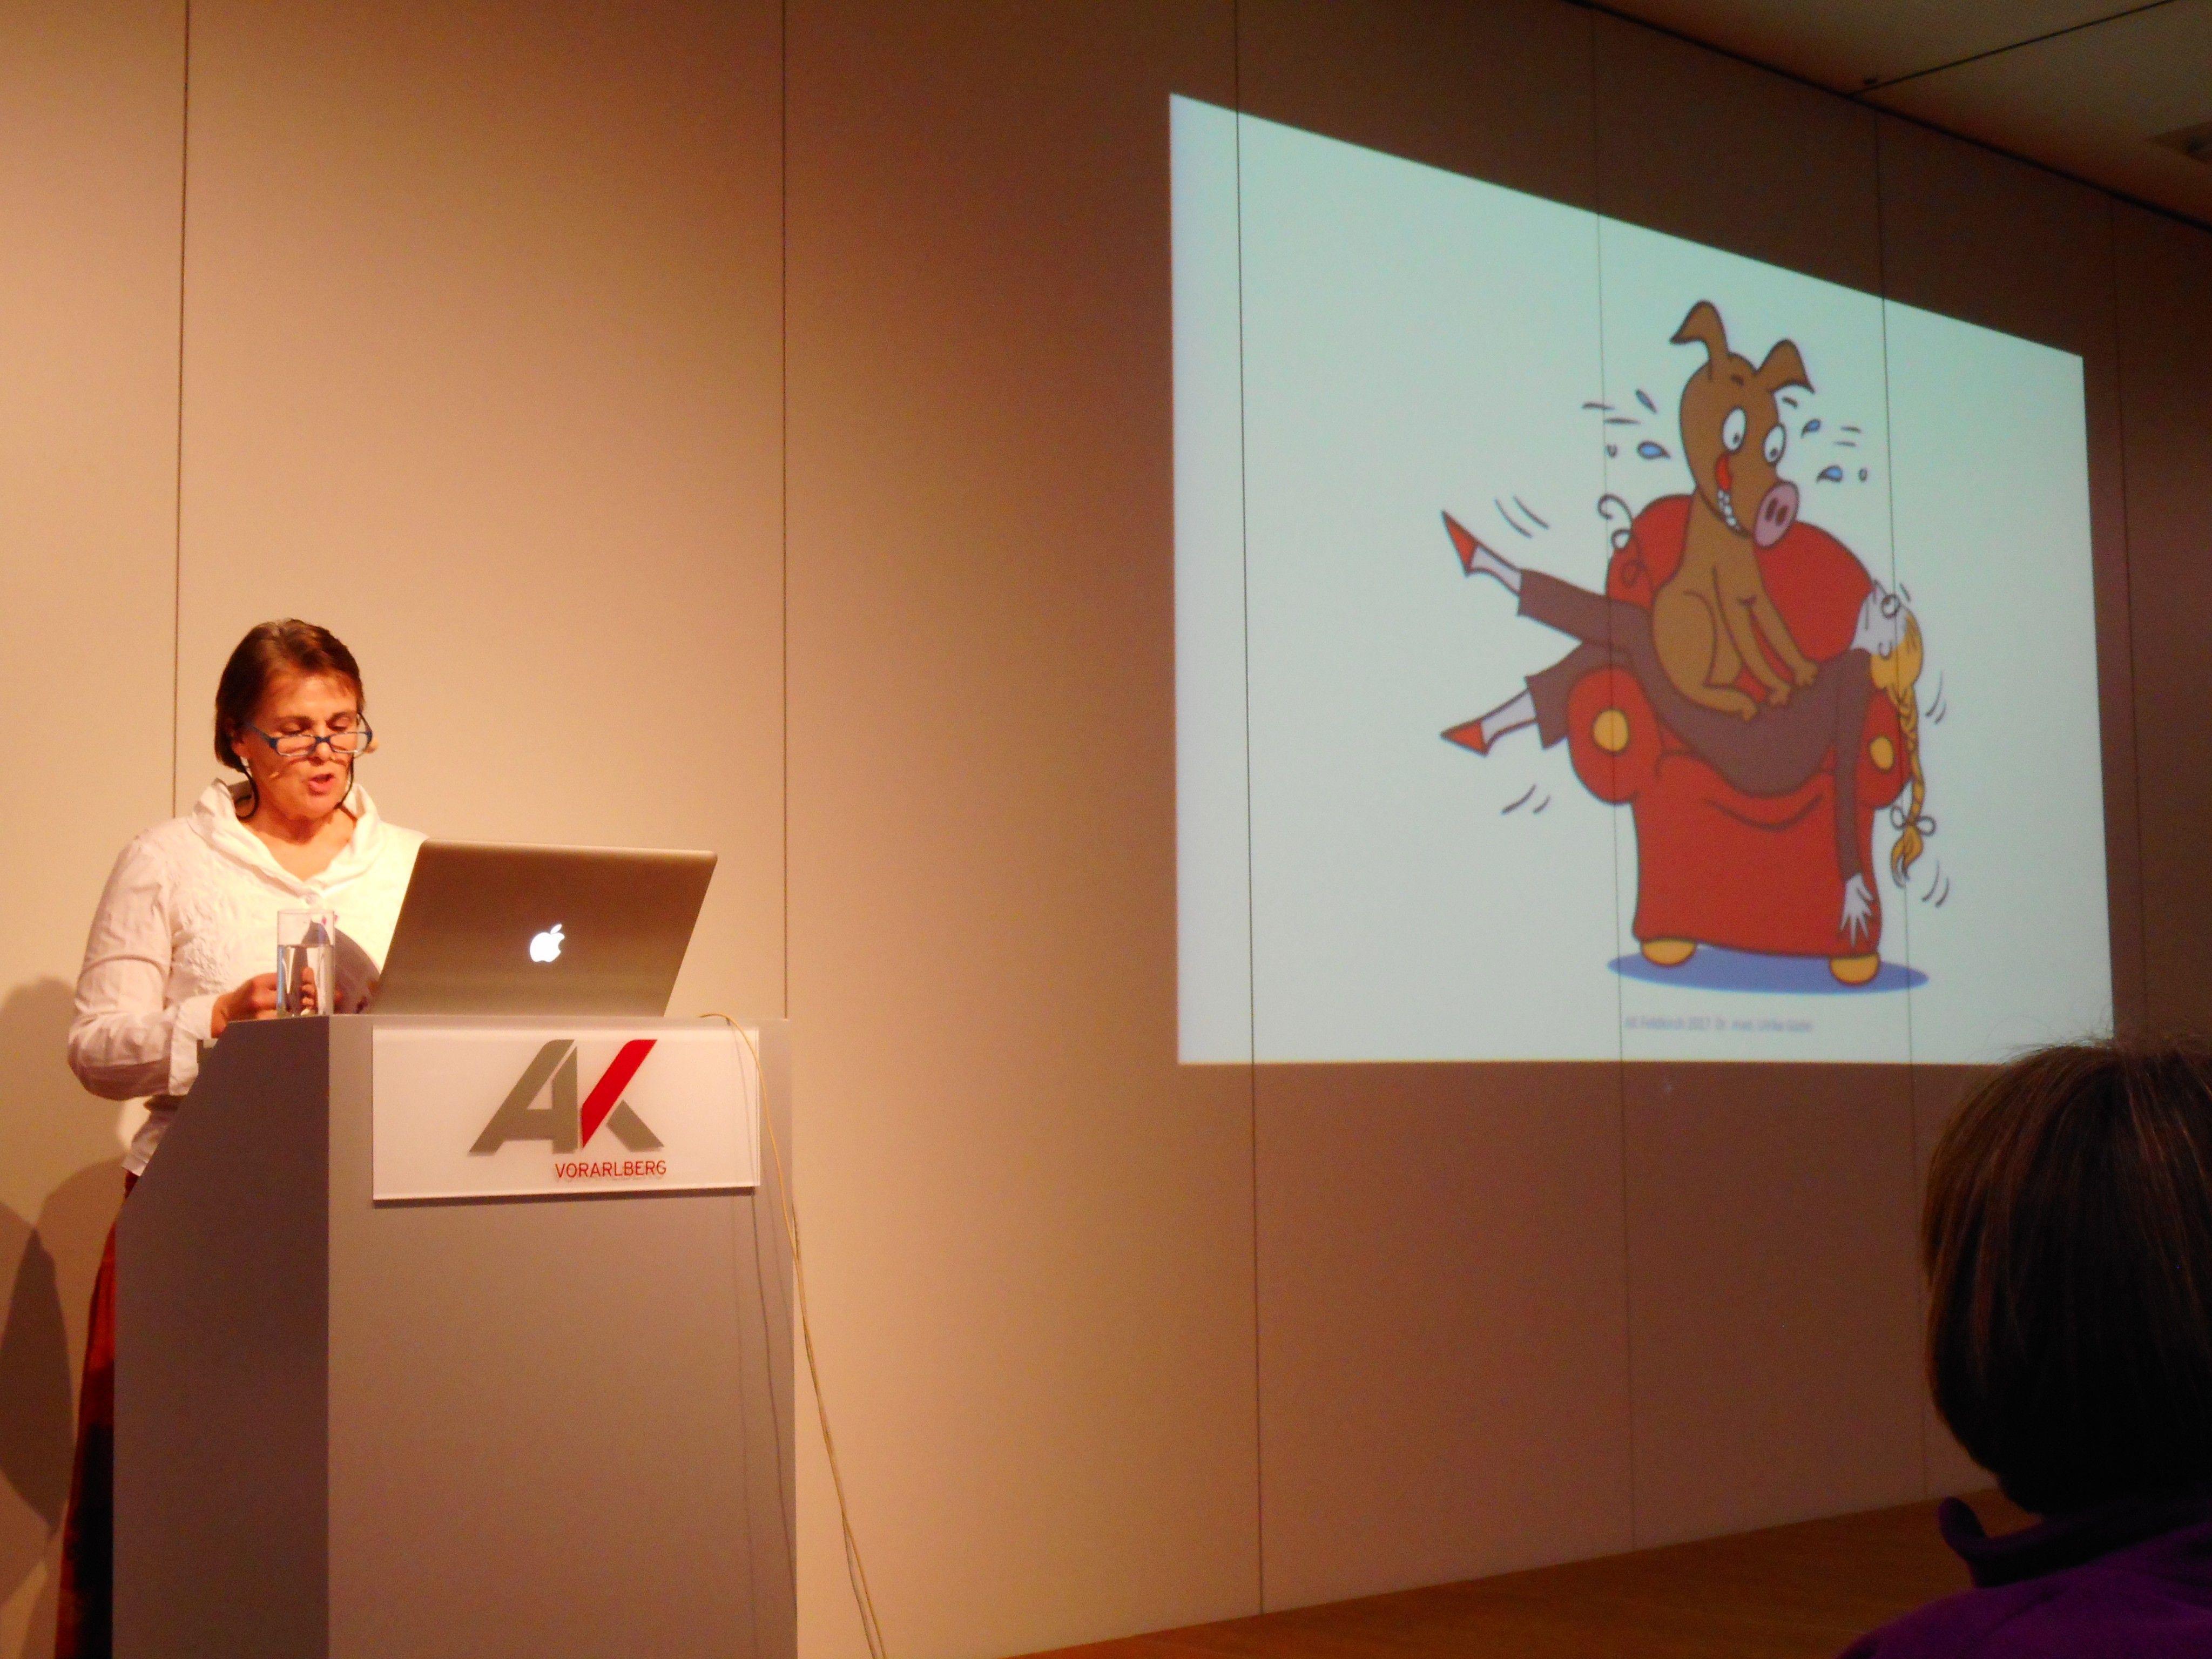 """Ulrike Güdel dachte darüber nach, wie wir in den Wechseljahren mit dem """"inneren Schweinehund"""" umgehen können."""